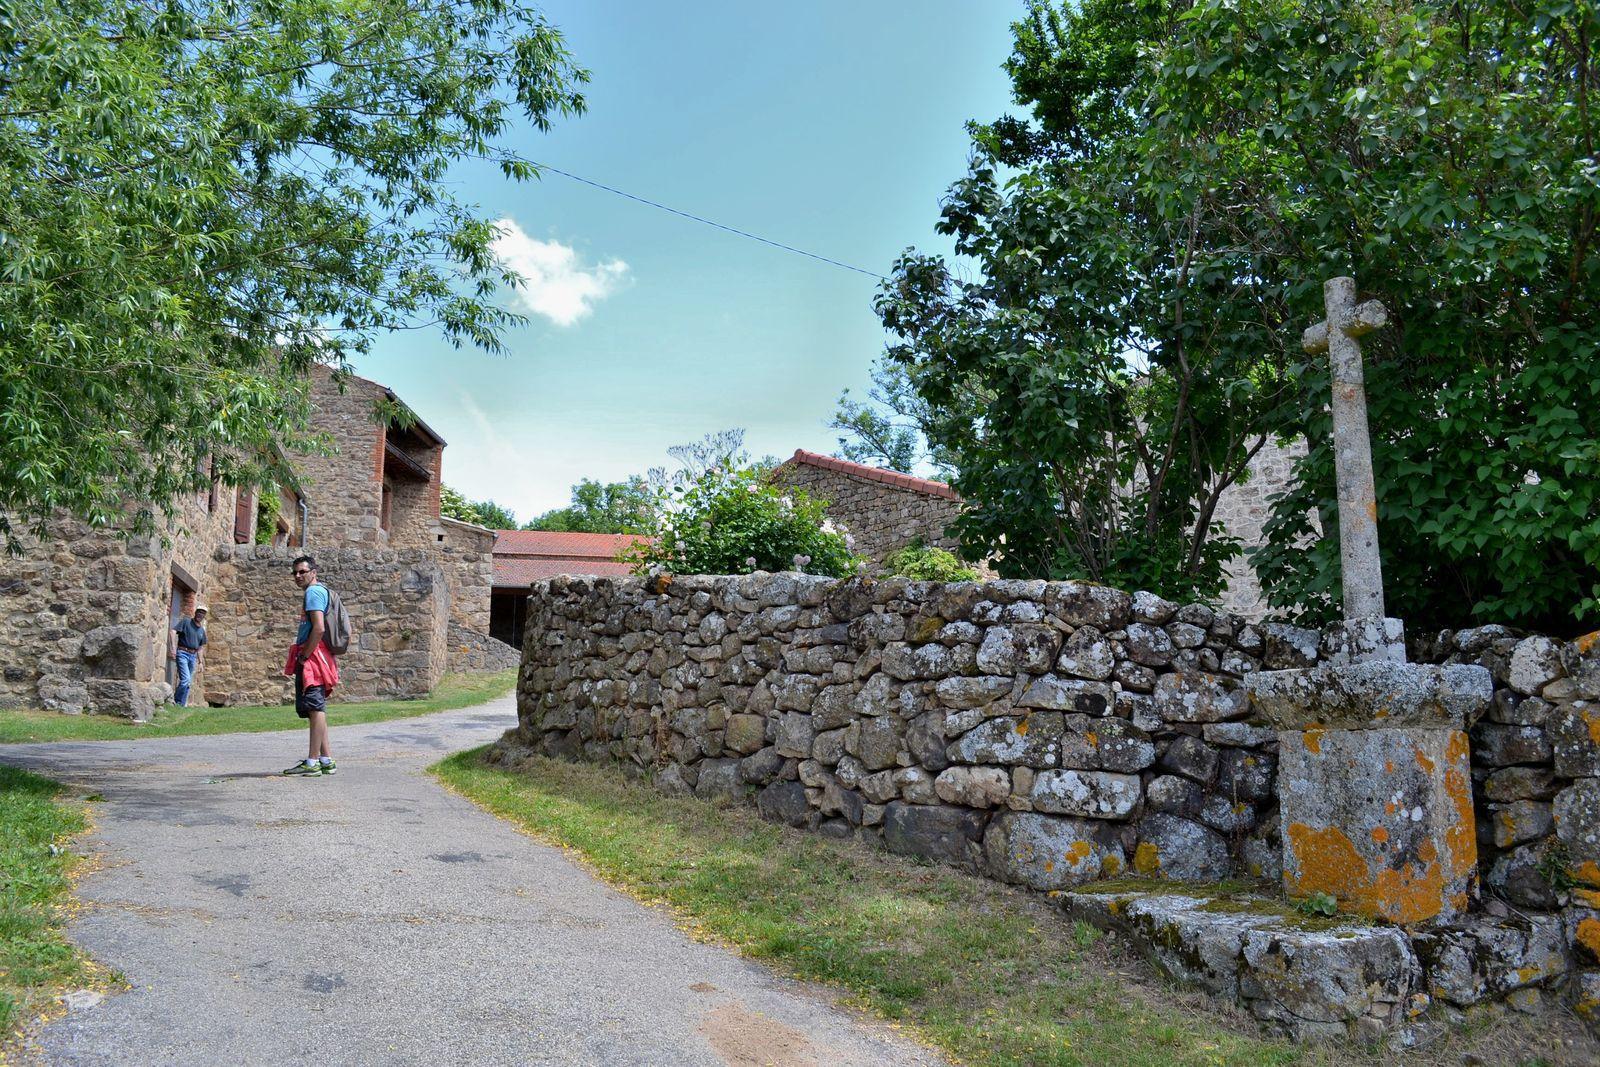 Sur les photos ci-dessus, le si joli hameau du Verdier, puis panorama sur Saint-Jacques d'Atticieux, ainsi que sur les collines de l'Ardèche...